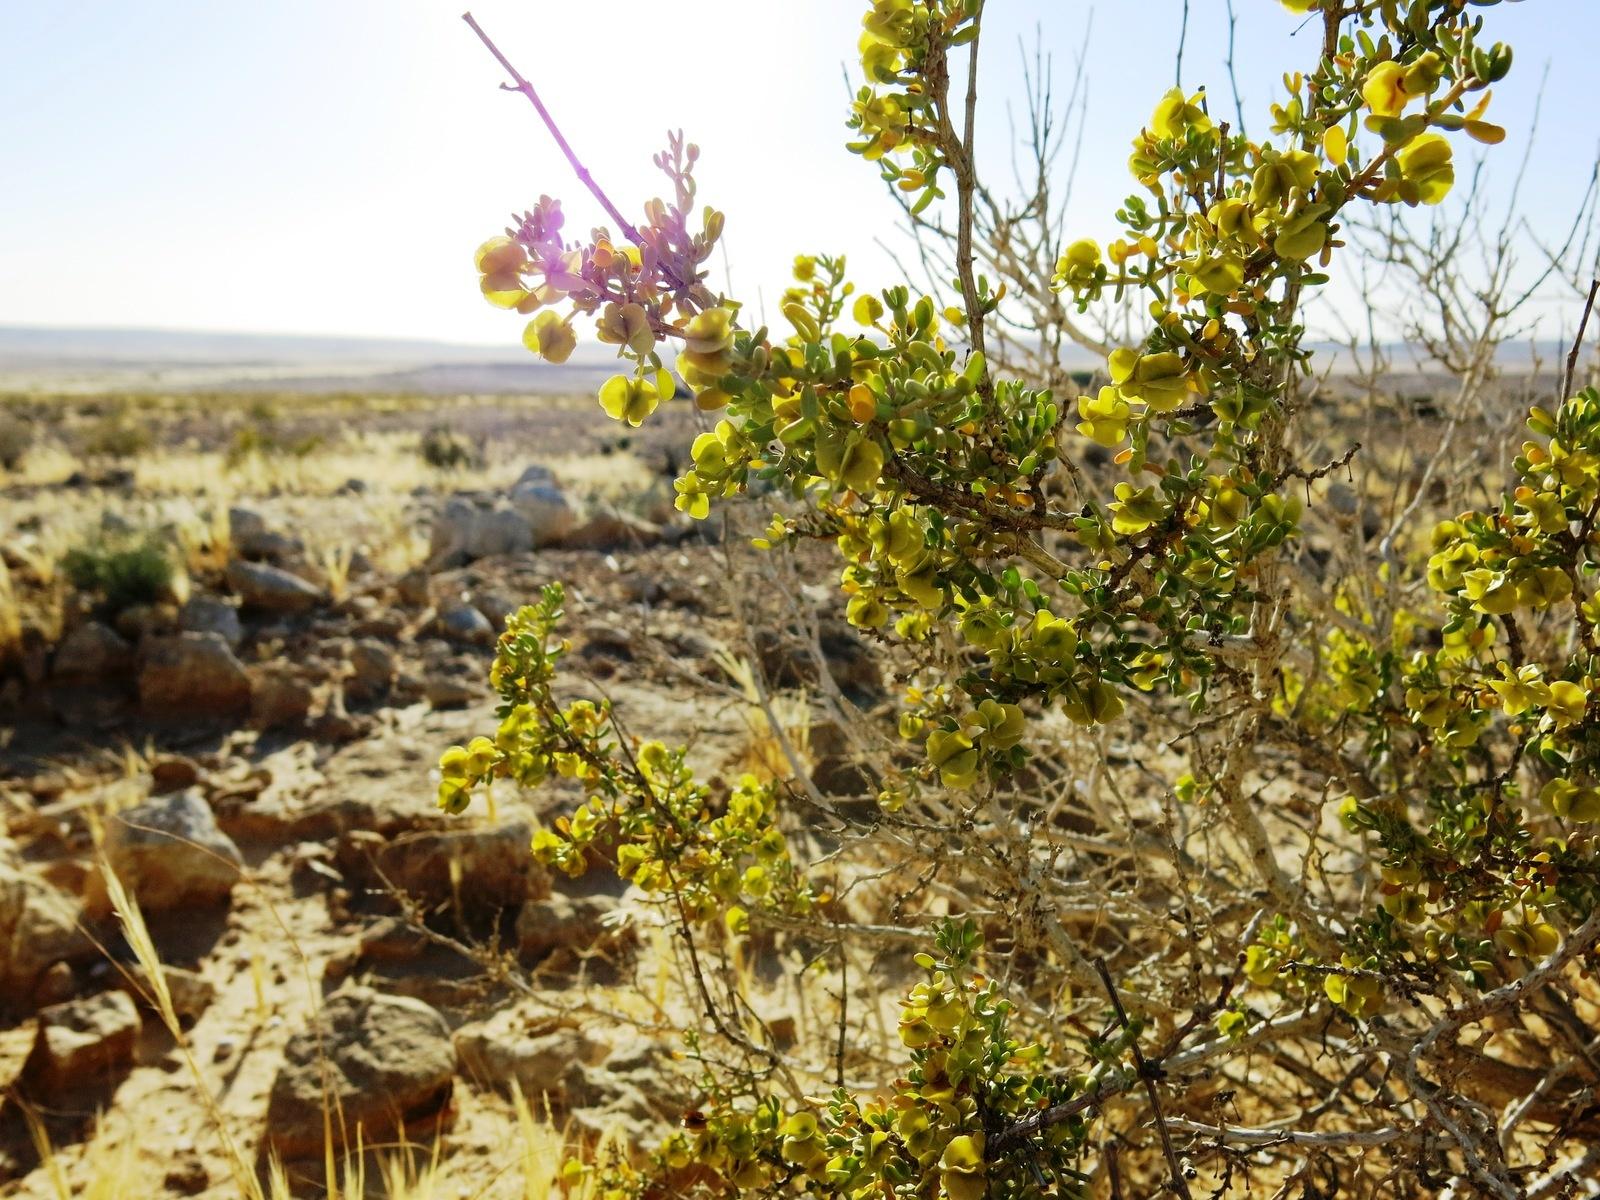 terre sainte en israel Faune et flore Dans le désert